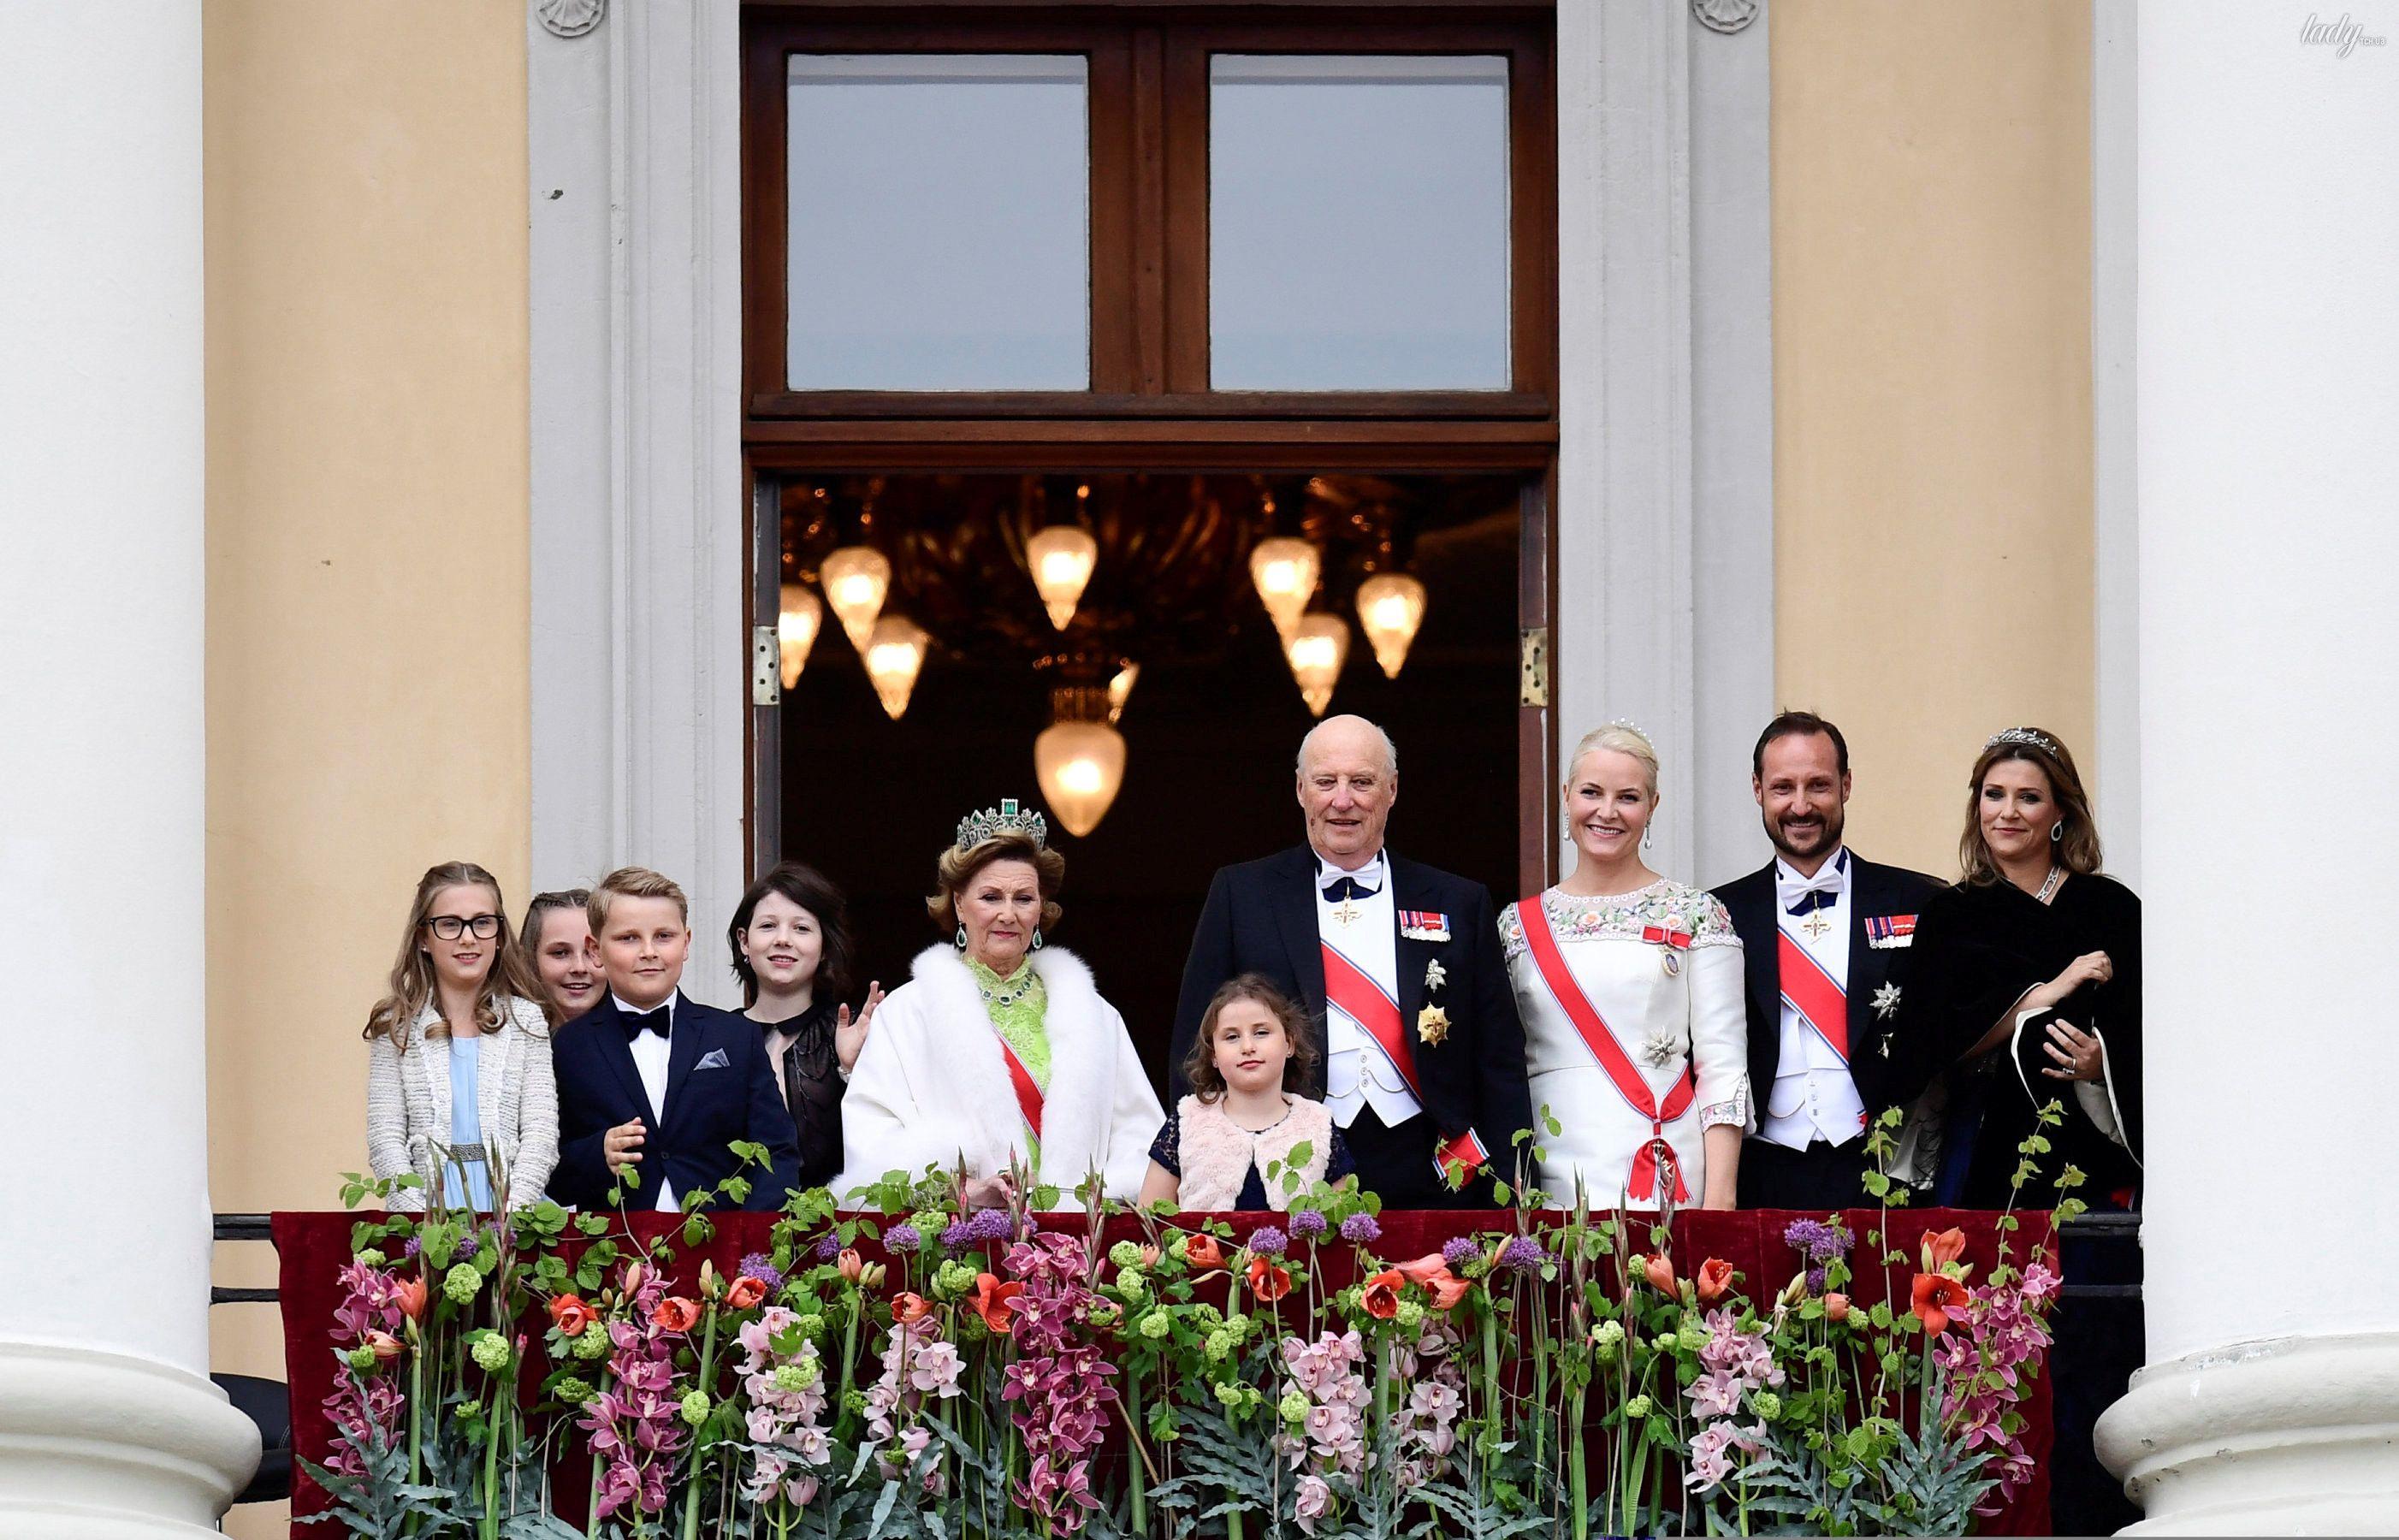 Празднования 80-летие короля Харальда и королевы Норвегии Сони _2